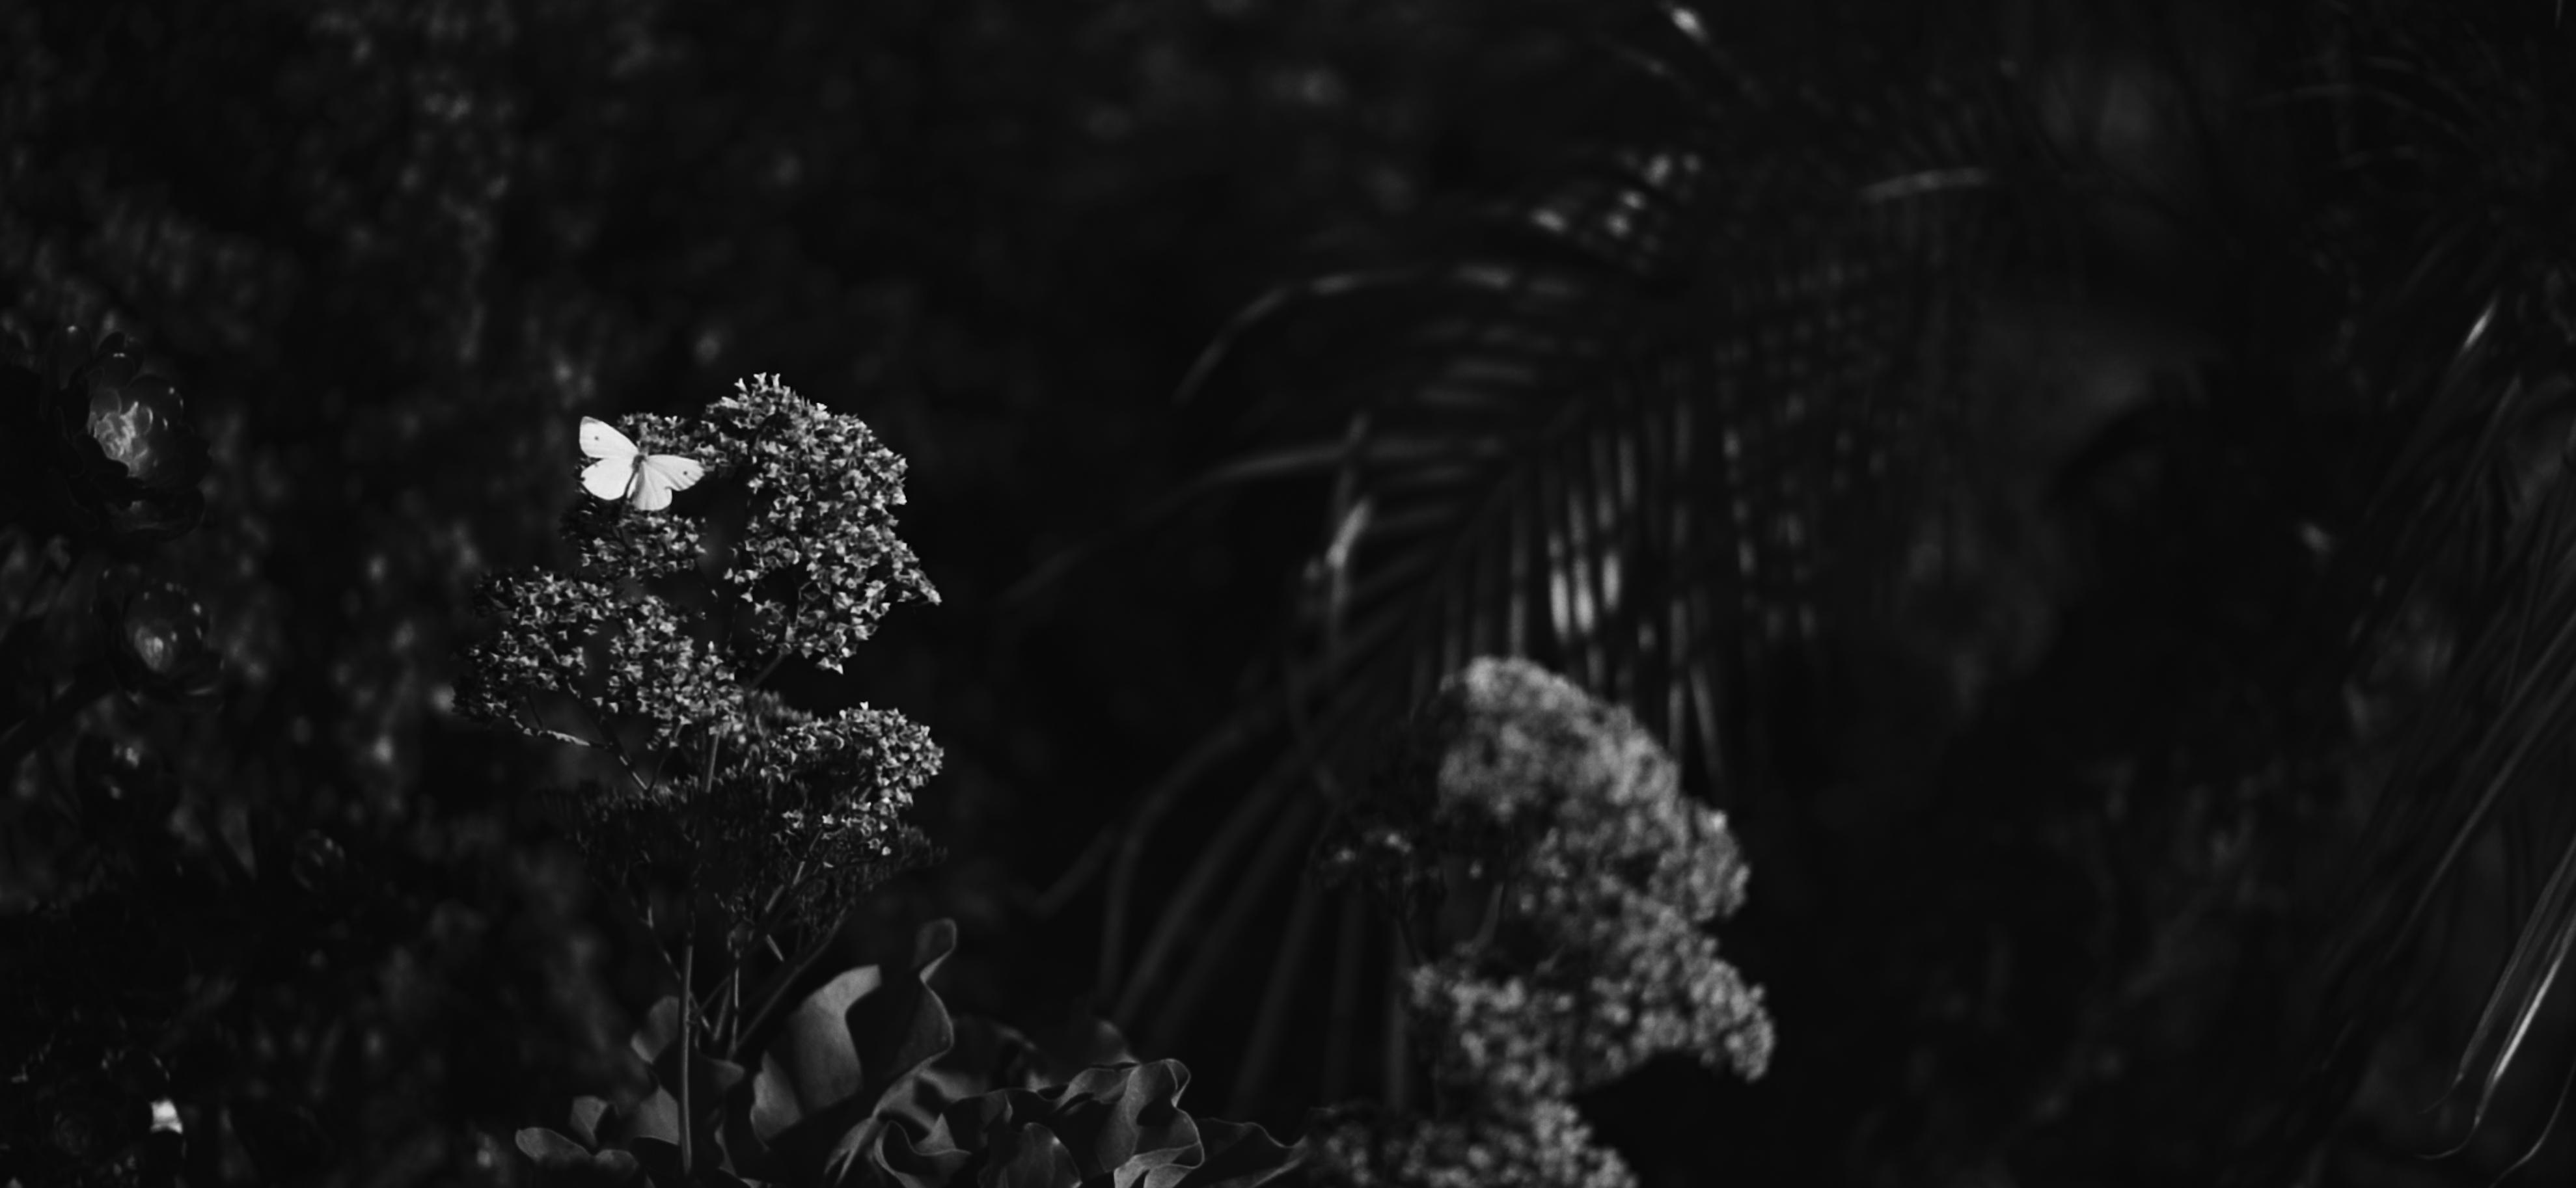 Screen Shot 2019-09-11 at 3.09.01 PM